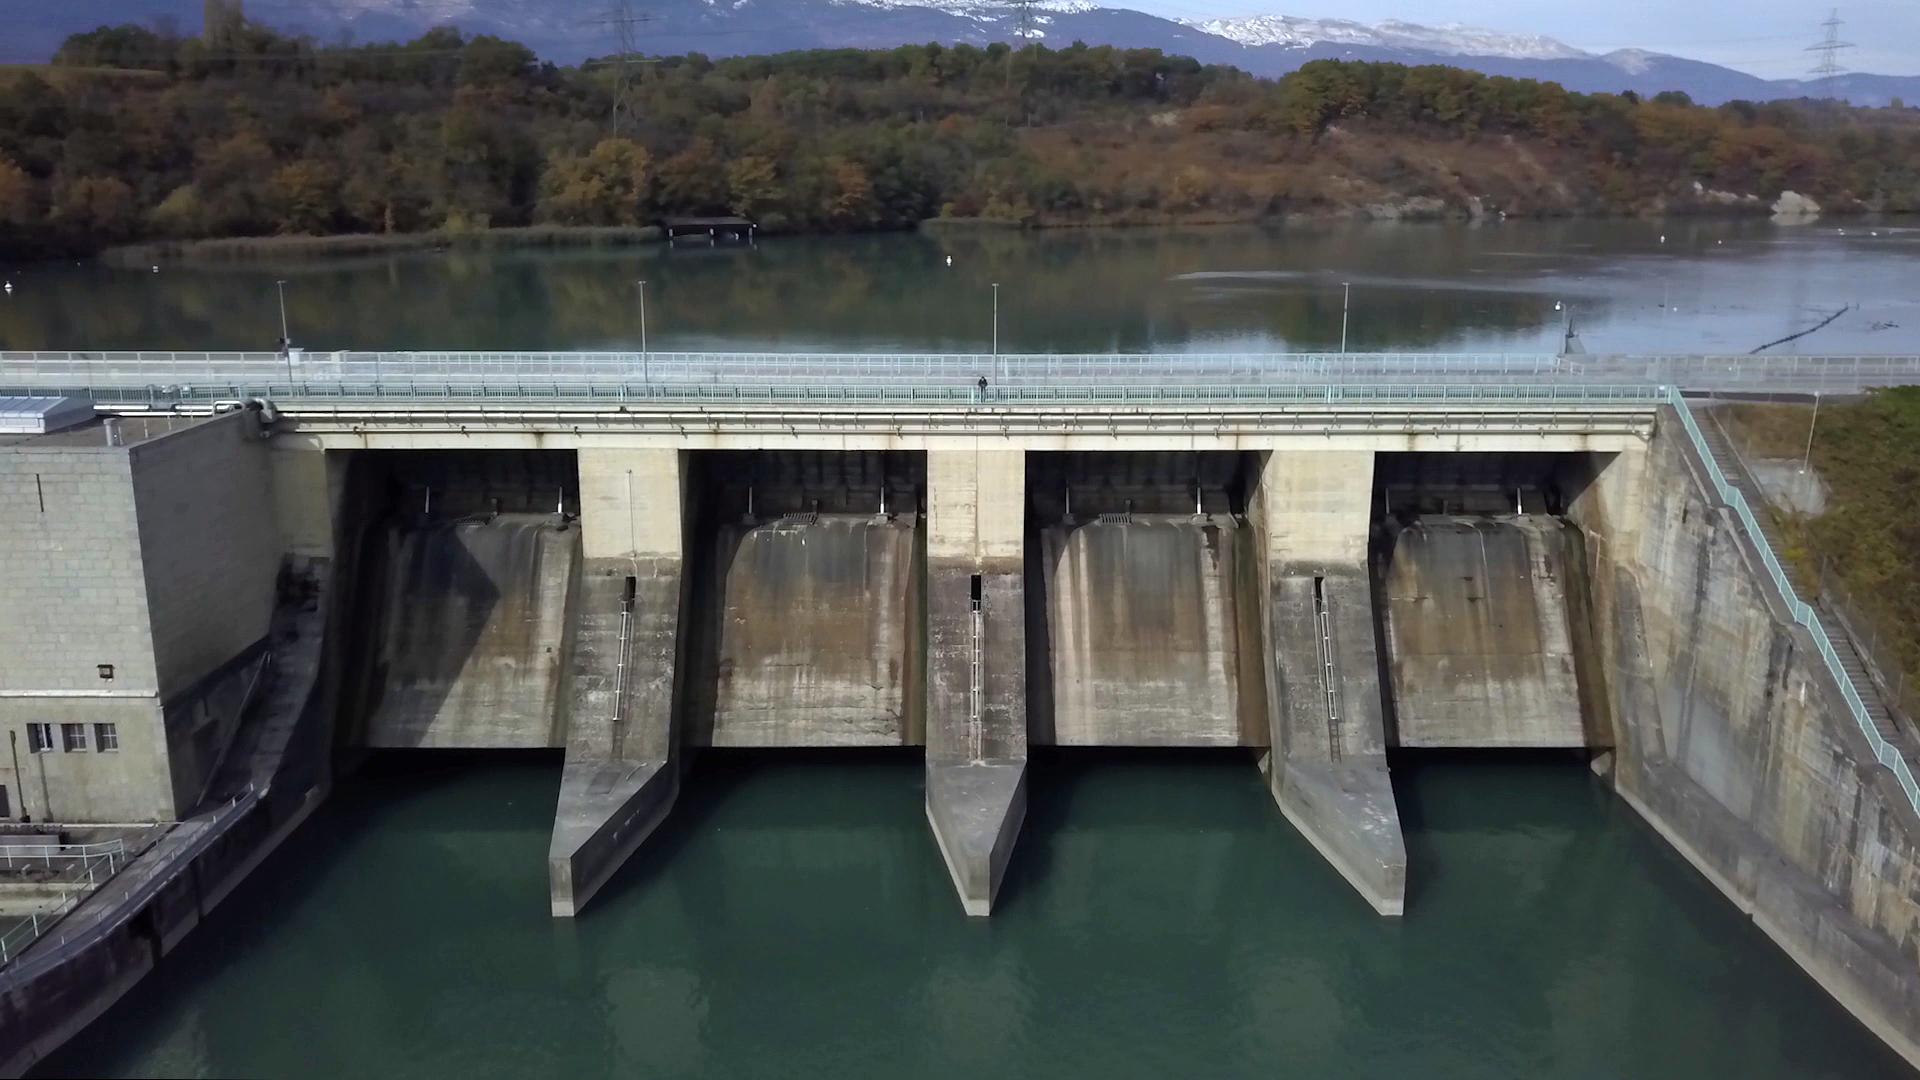 Jorge Petitpierre au barrage de Verbois, un ouvrage hydroélectrique sur le Rhône, près de Genève.